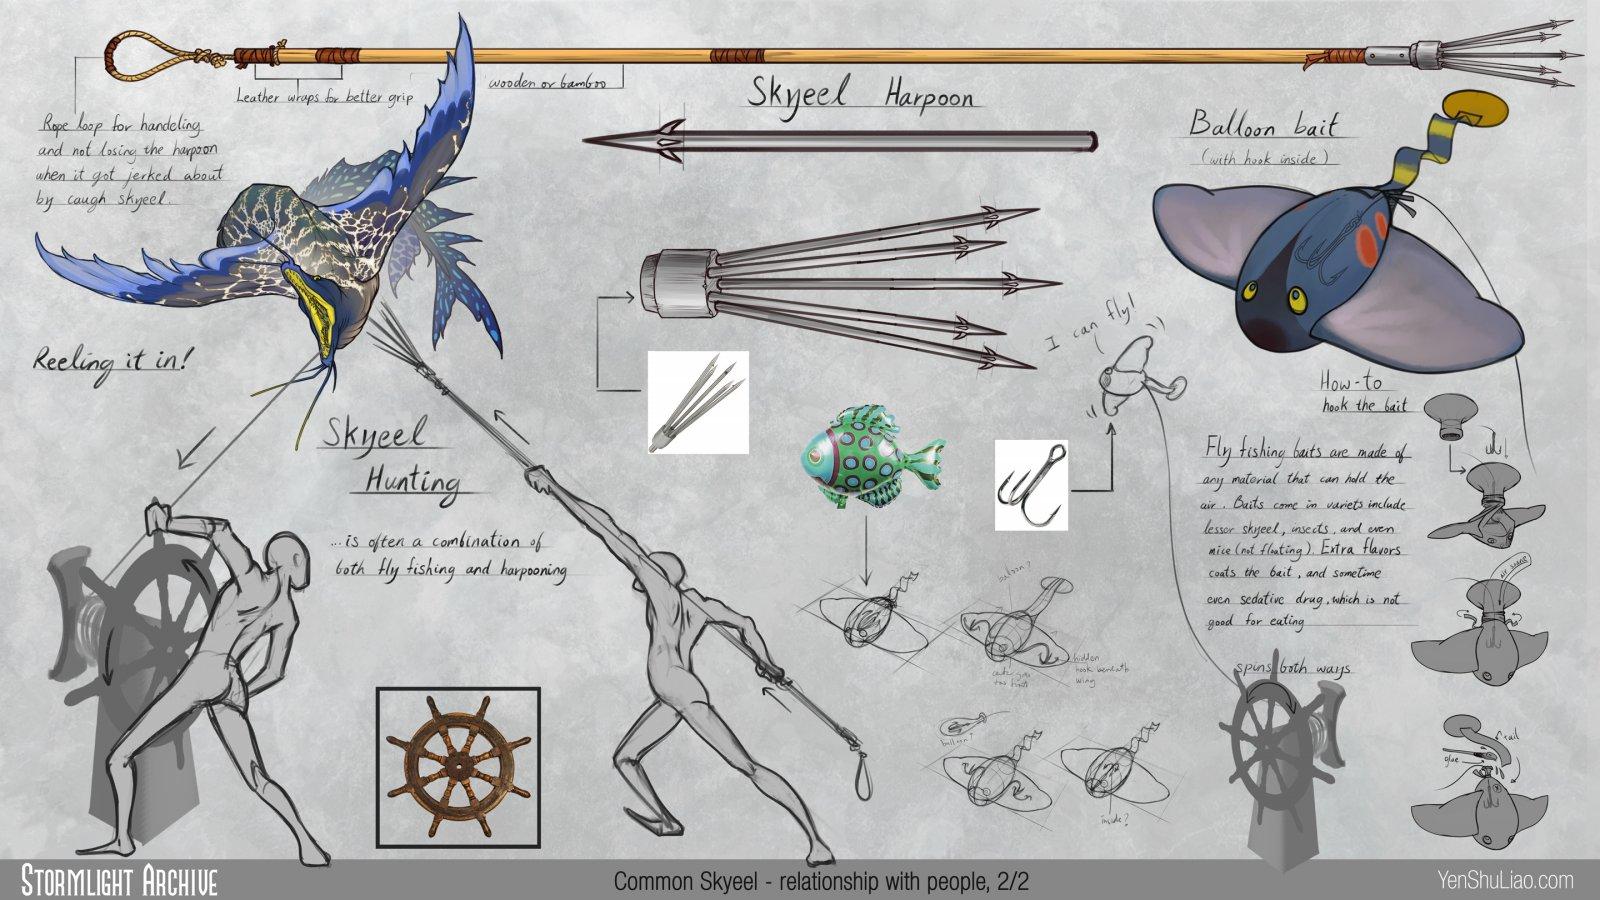 The Common Skyeel - Fishing & Hunting